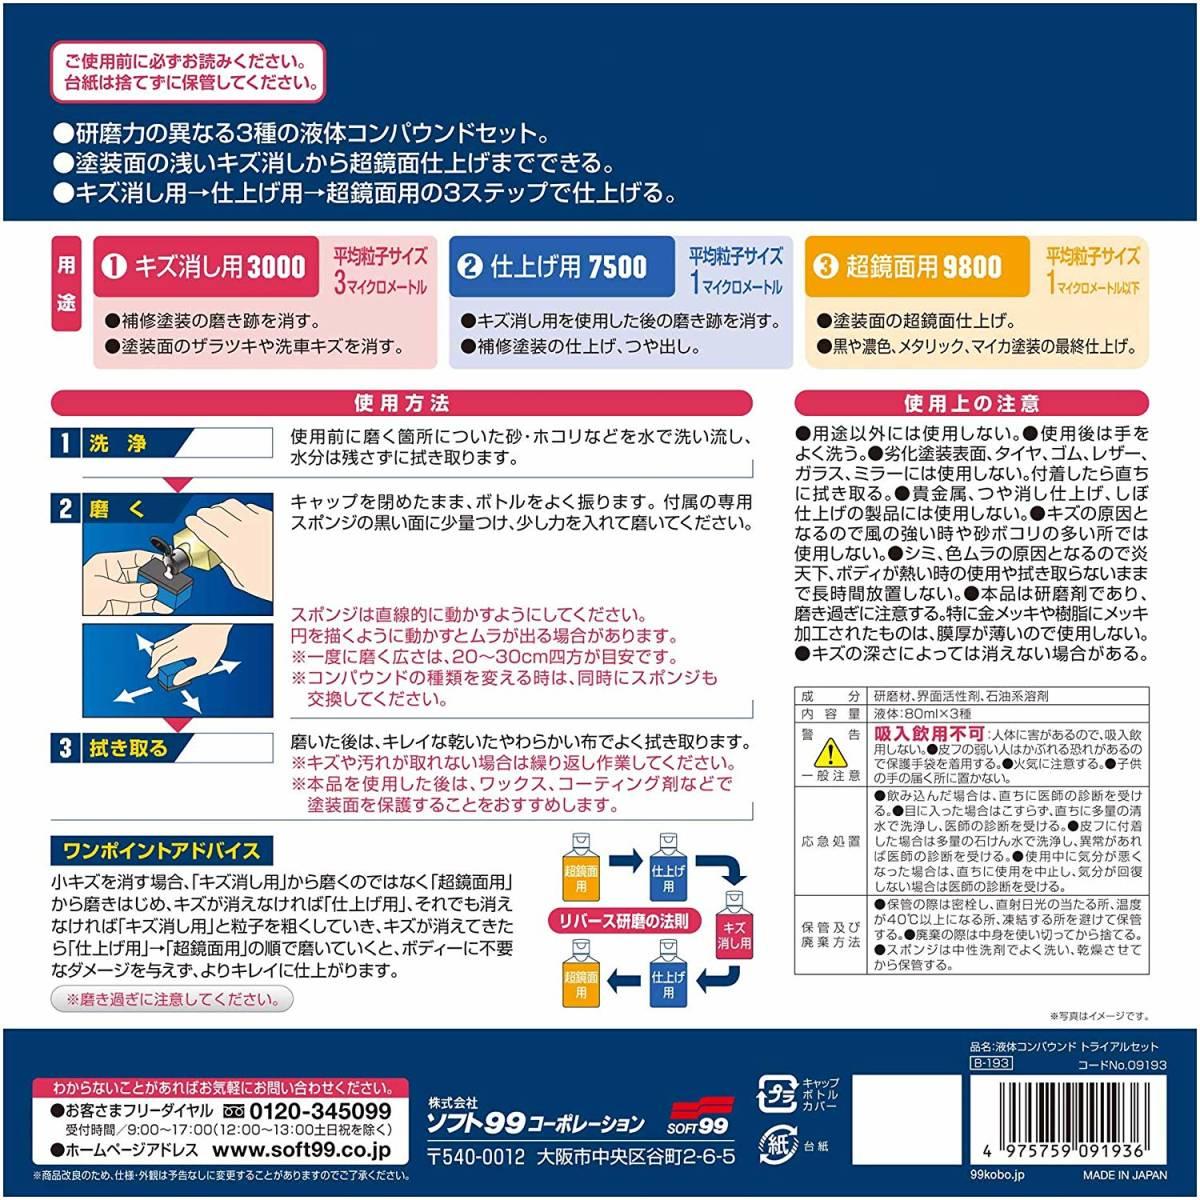 【送料無料】 SOFT99 ( ソフト99 ) 99工房 液体コンパウンドトライアルセット 09193_画像2